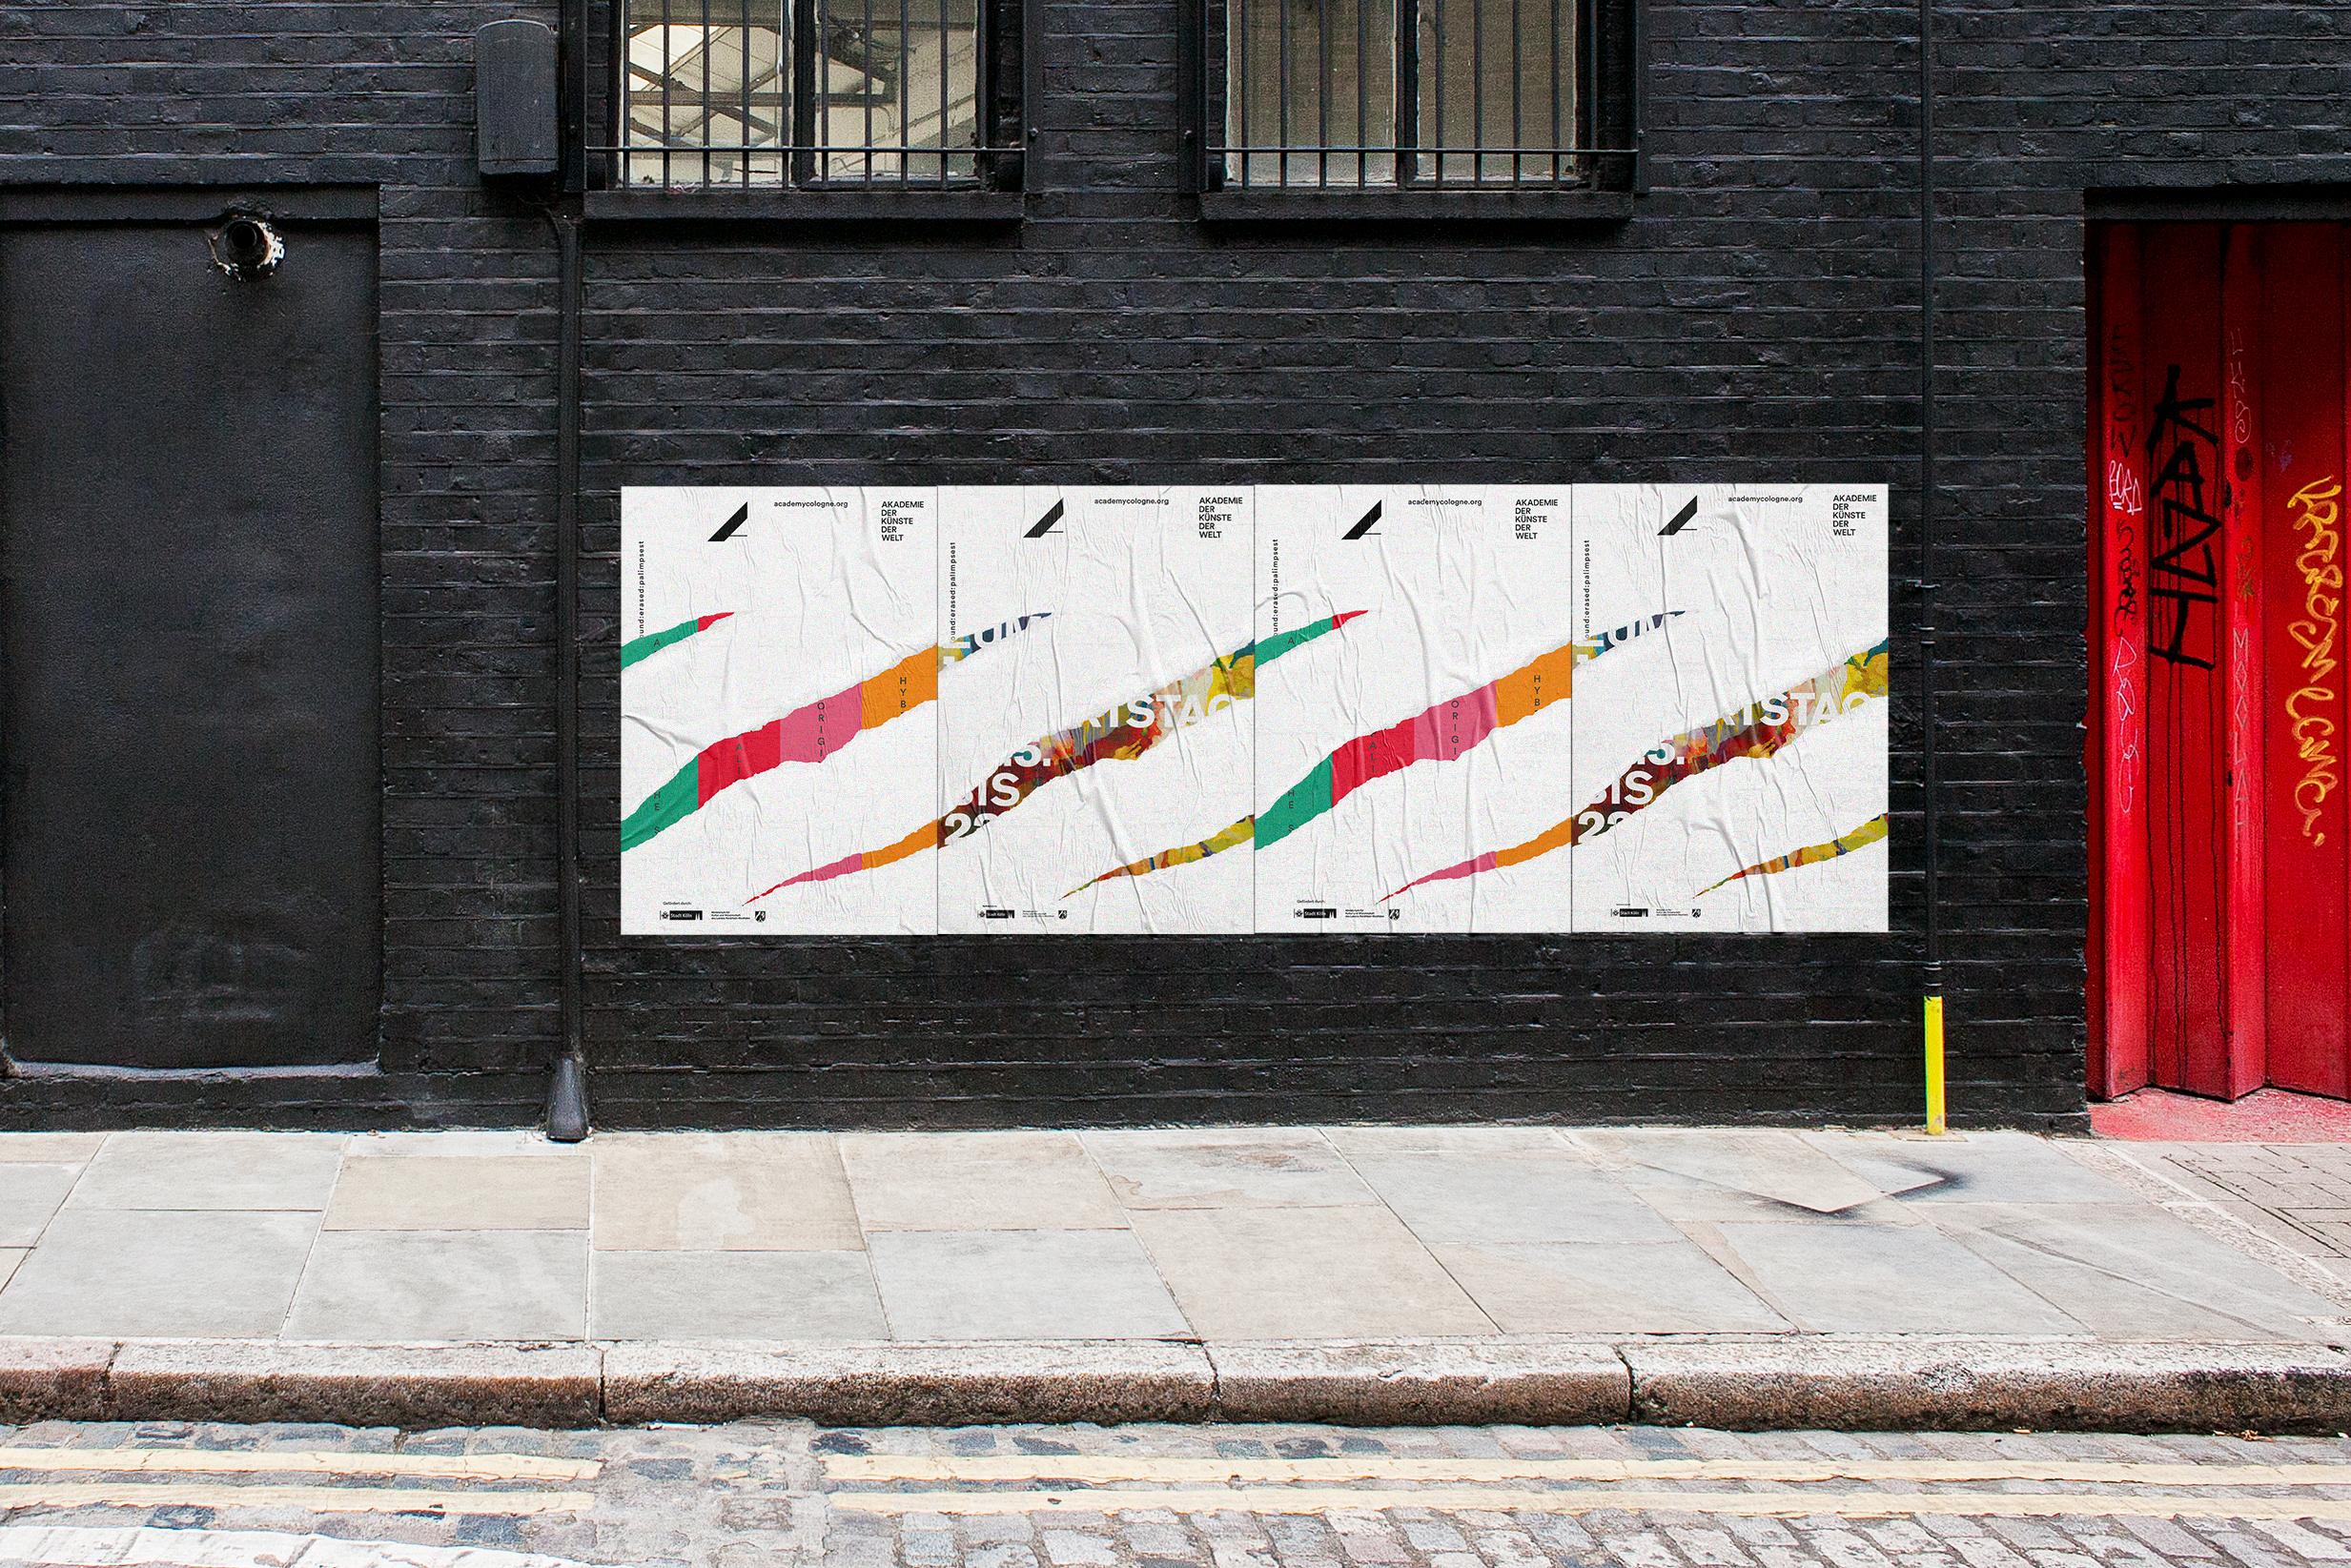 Buero_Freiheit_Akademie_der_Kuenste_der_Welt_Kampagne_Poster_found_erased_palimpset_Plakate Akademie der Künste der Welt / Köln